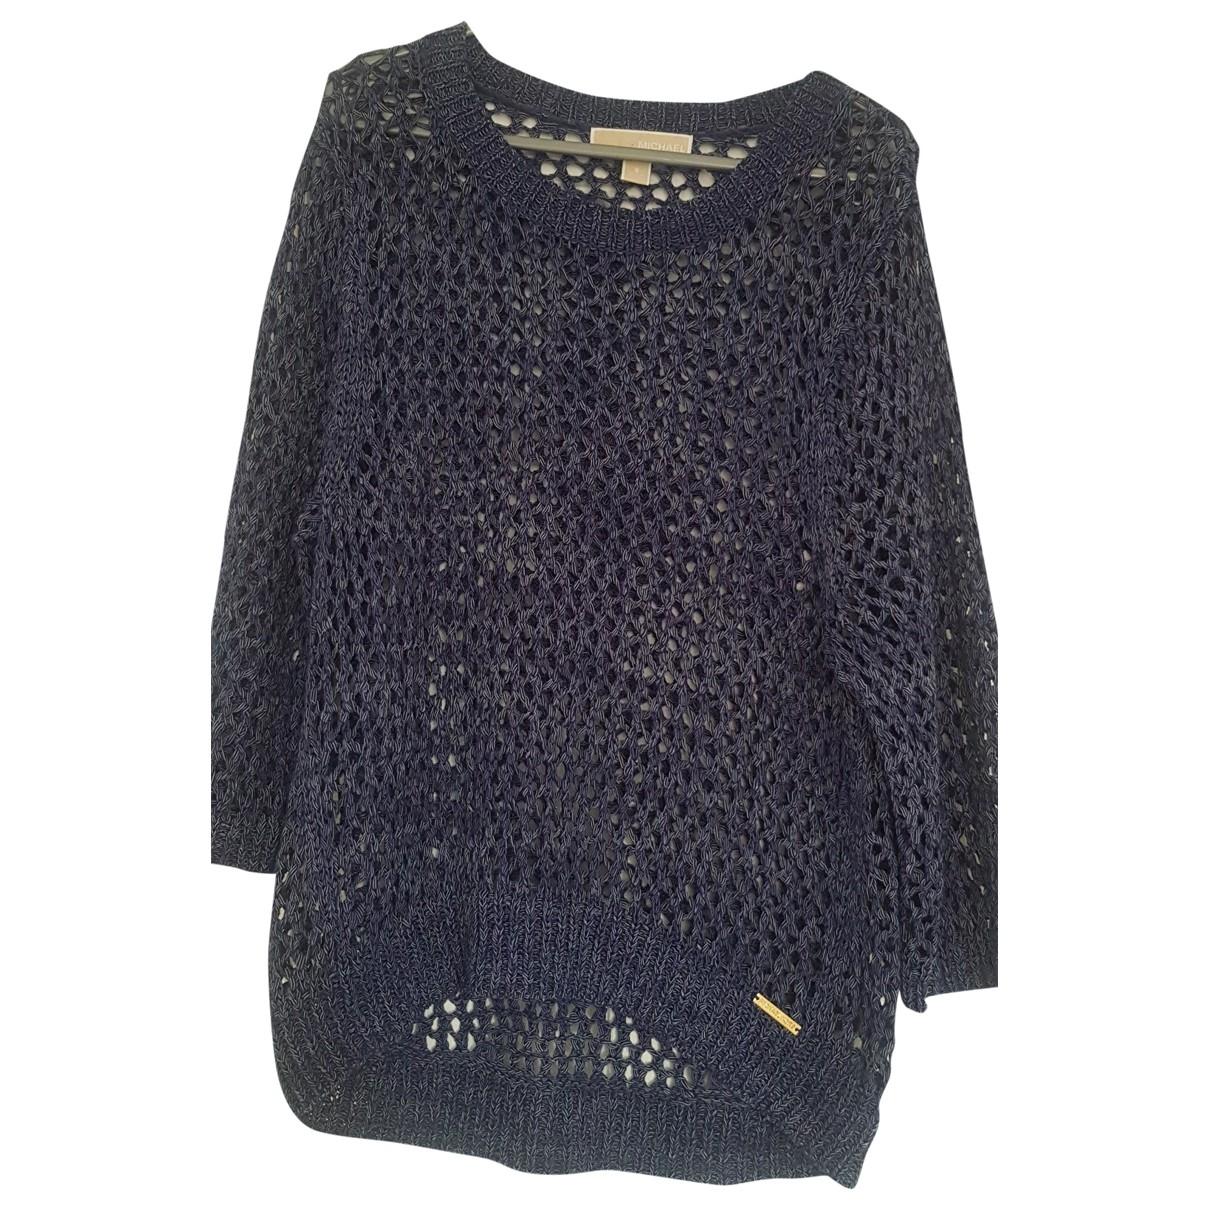 Michael Kors \N Pullover in  Blau Polyester